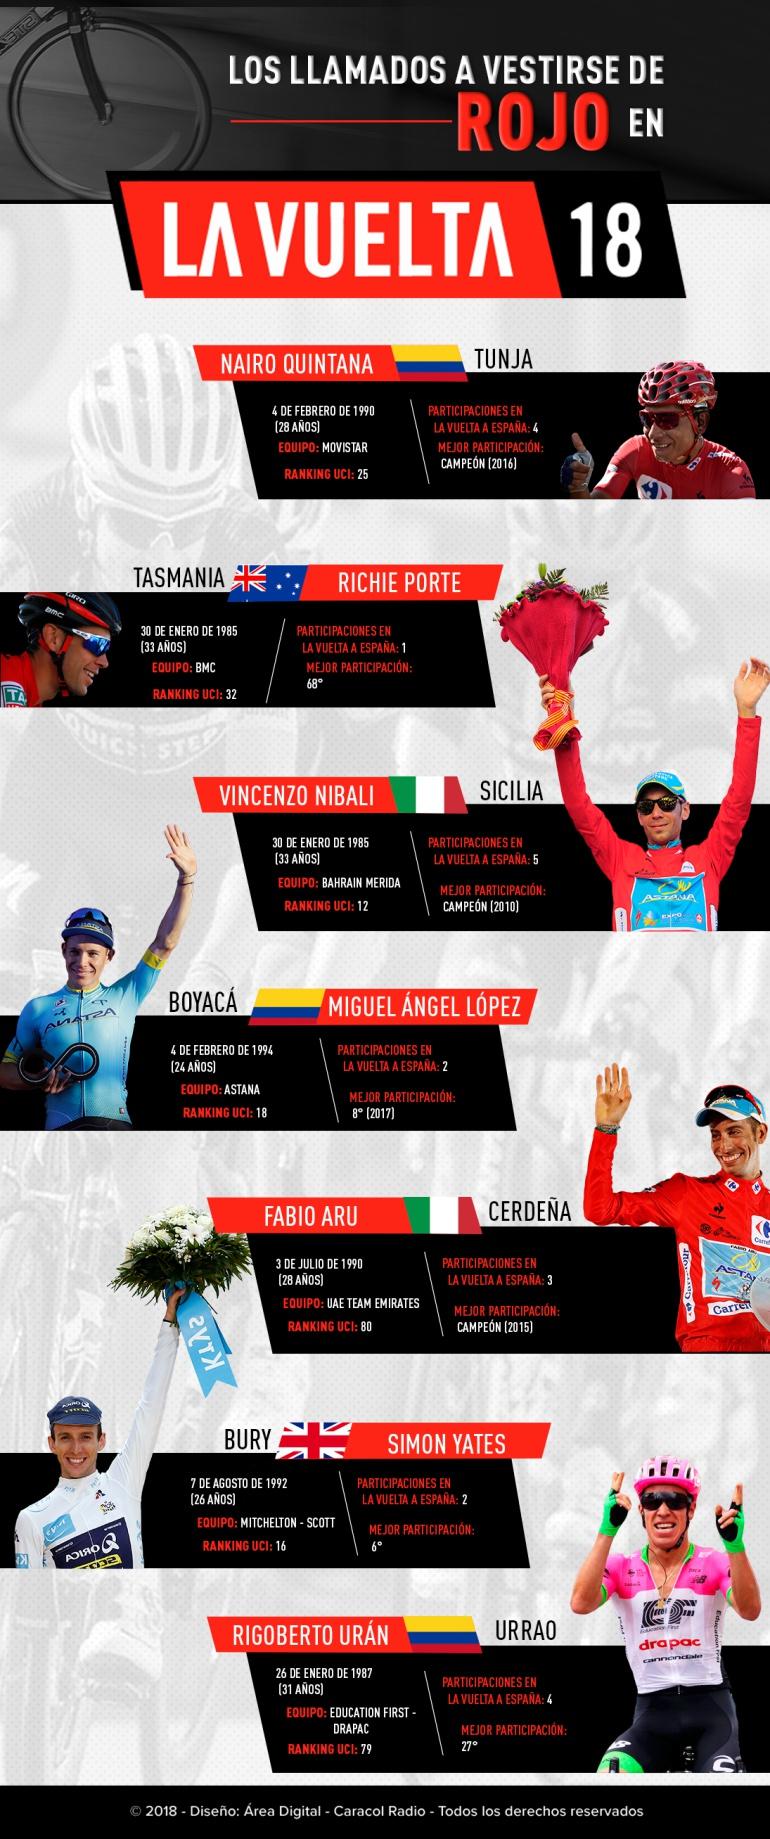 Vuelta a España 2018 favoritos: Los favoritos al título de la Vuelta a España